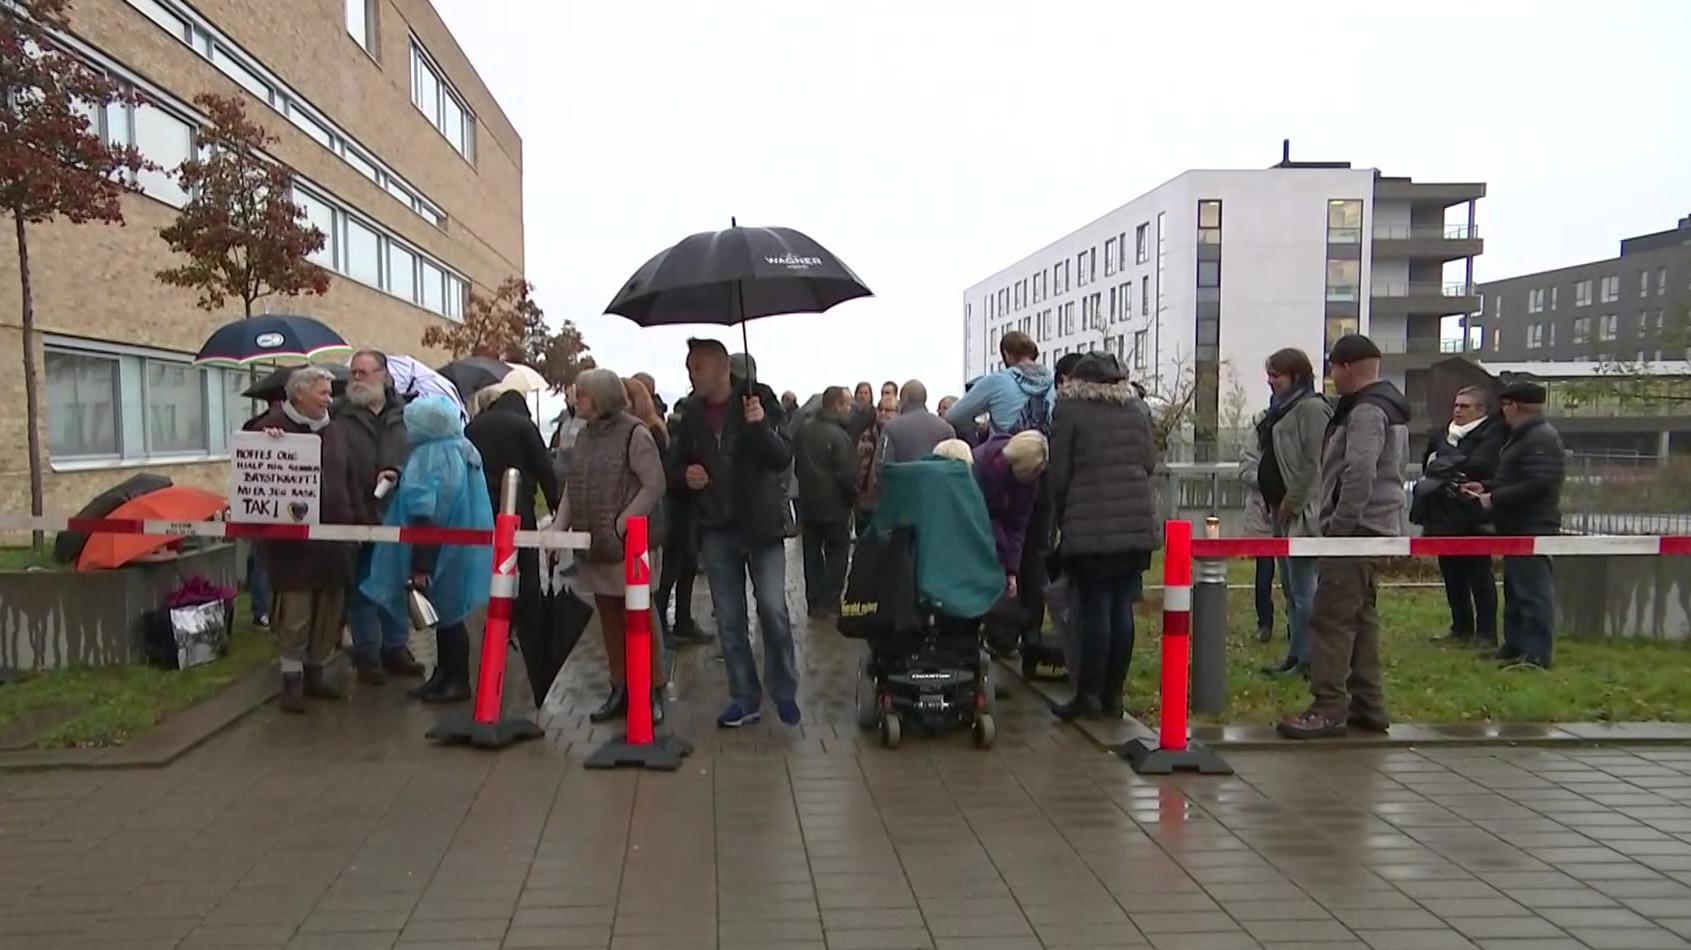 Retten i Holbæk - Moffe-sagen